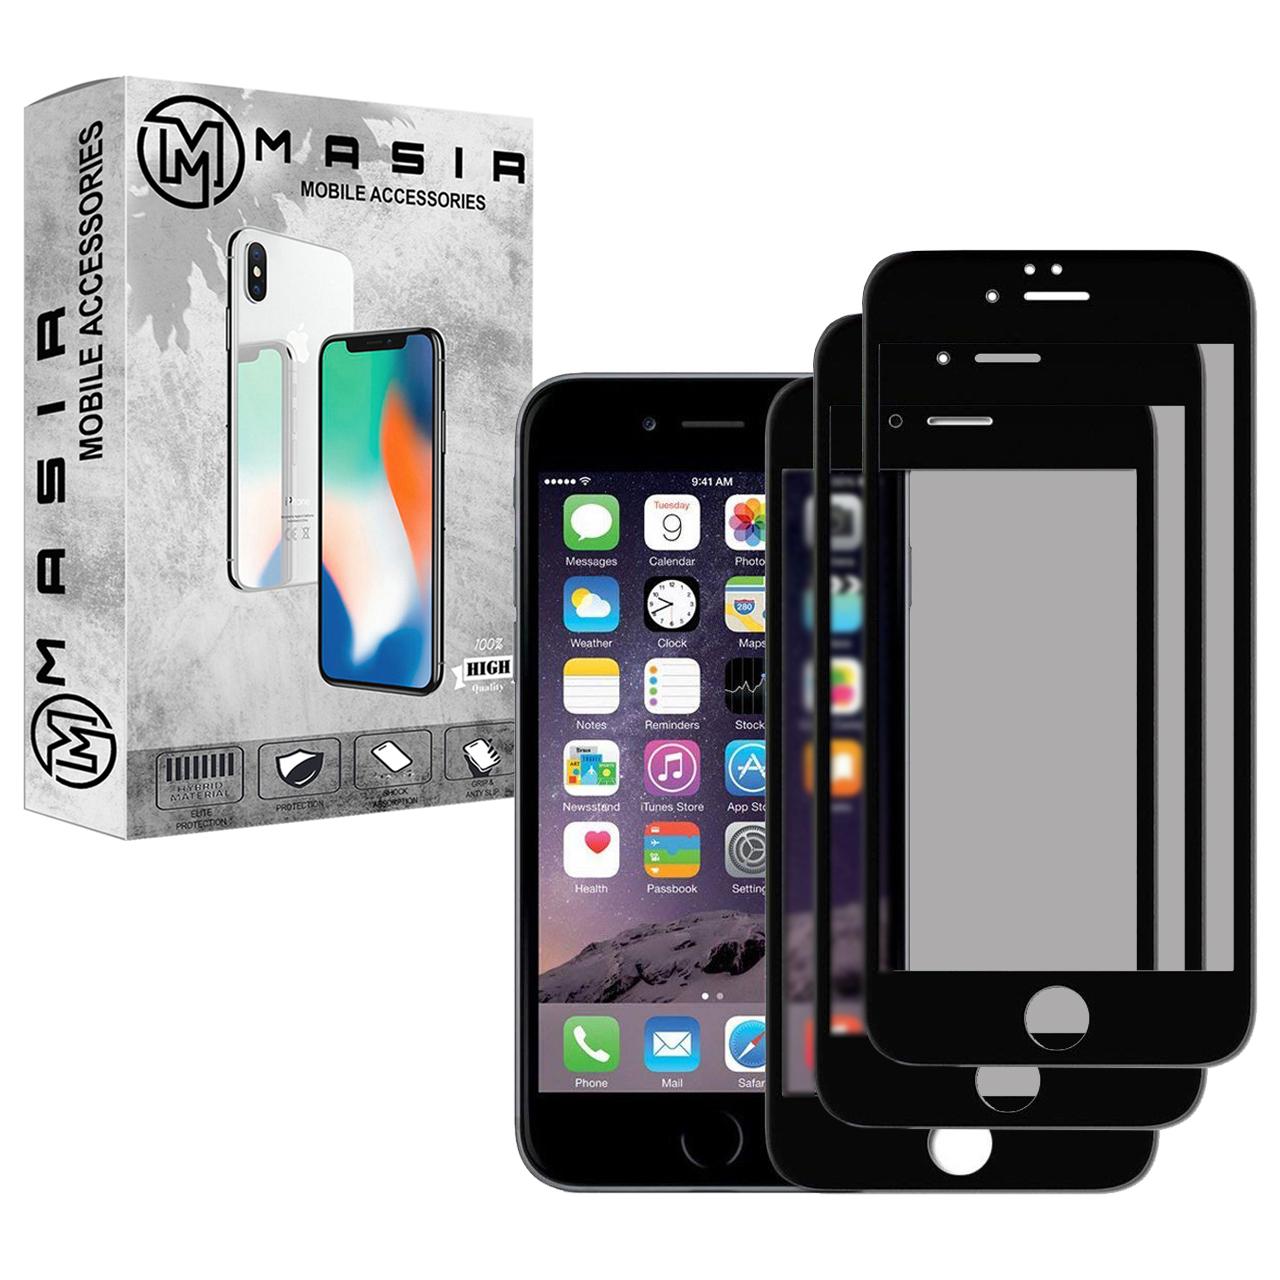 محافظ صفحه نمایش حریم شخصی مسیر مدل MGFPV-3 مناسب برای گوشی موبایل اپل iPhone 7/8  بسته سه عددی